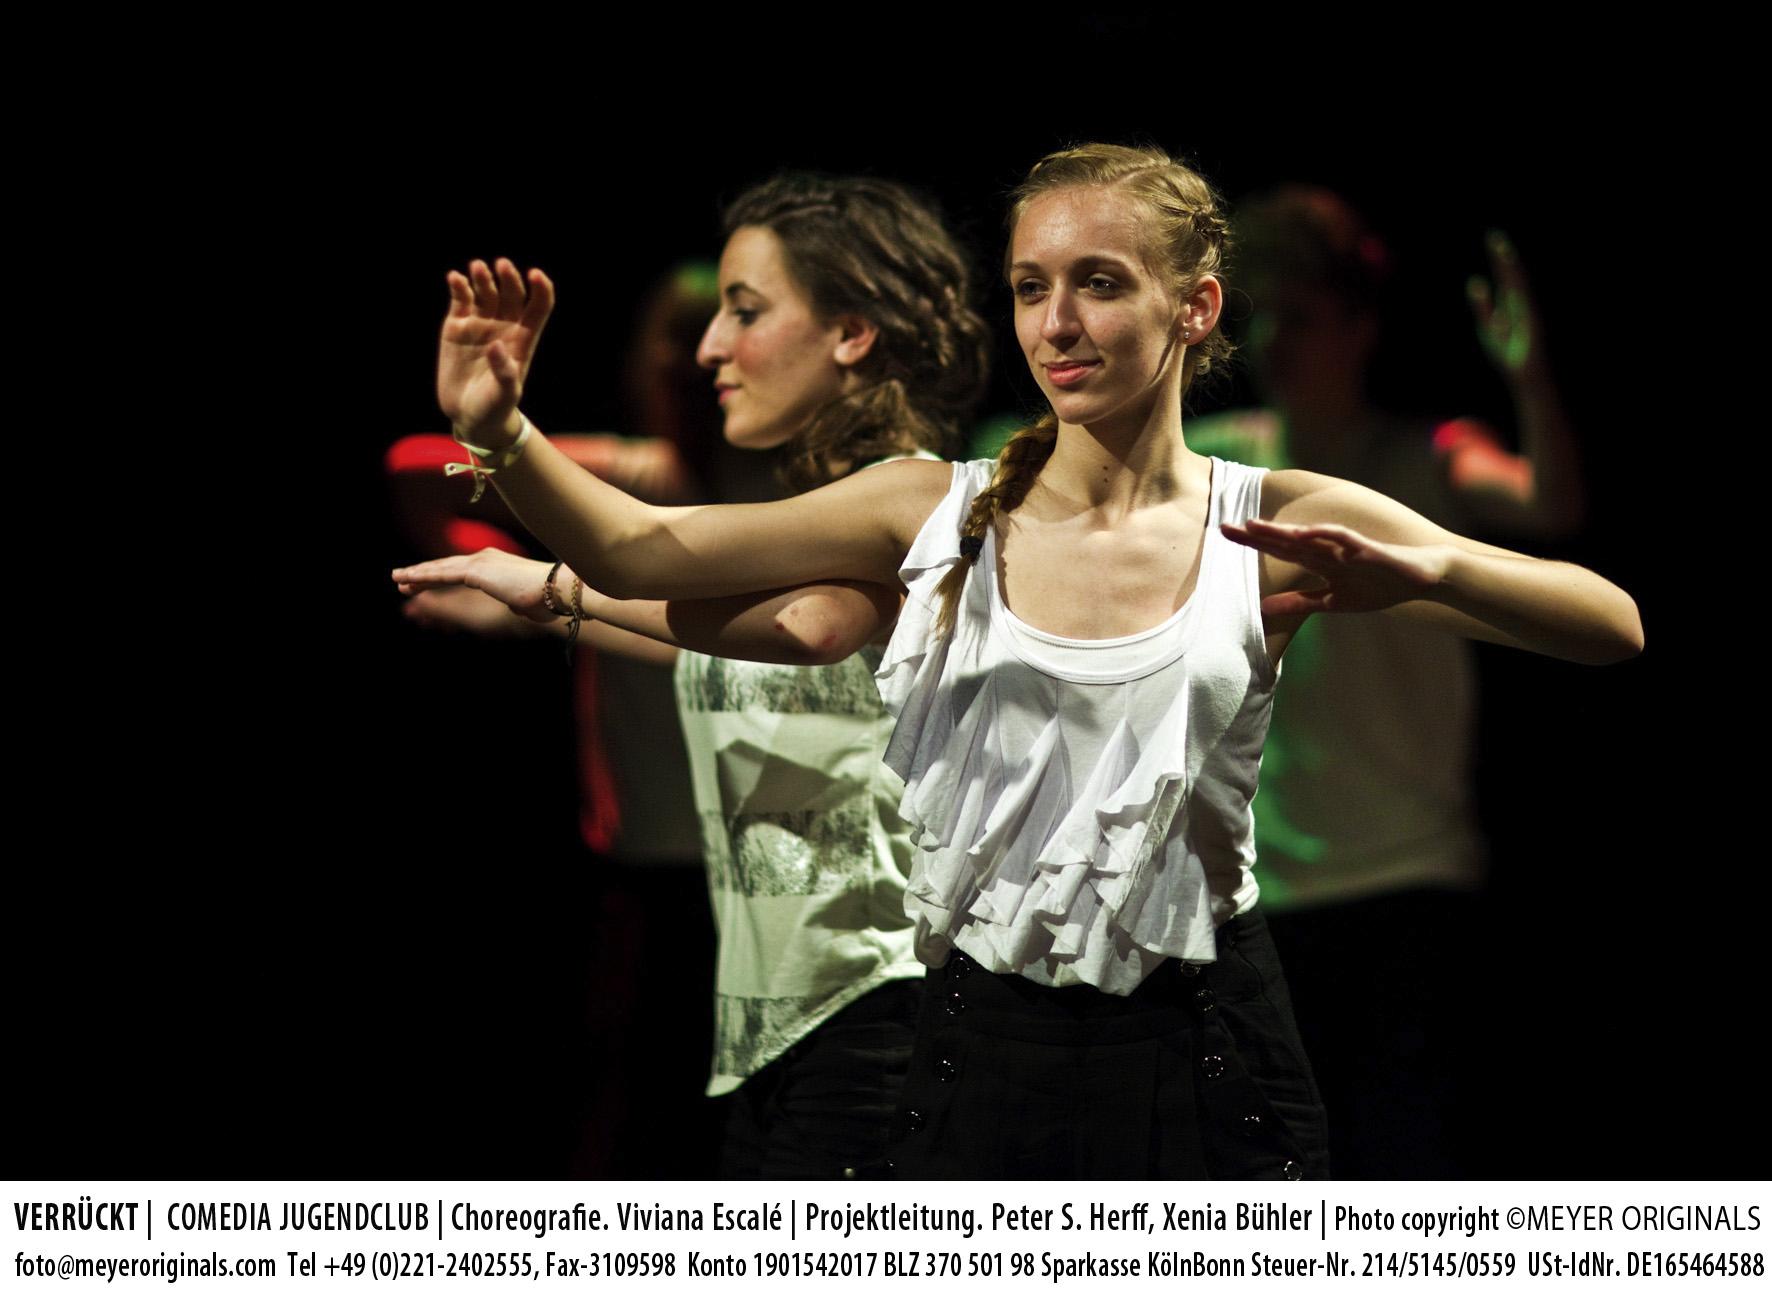 Comedia jugendclub 12 2012